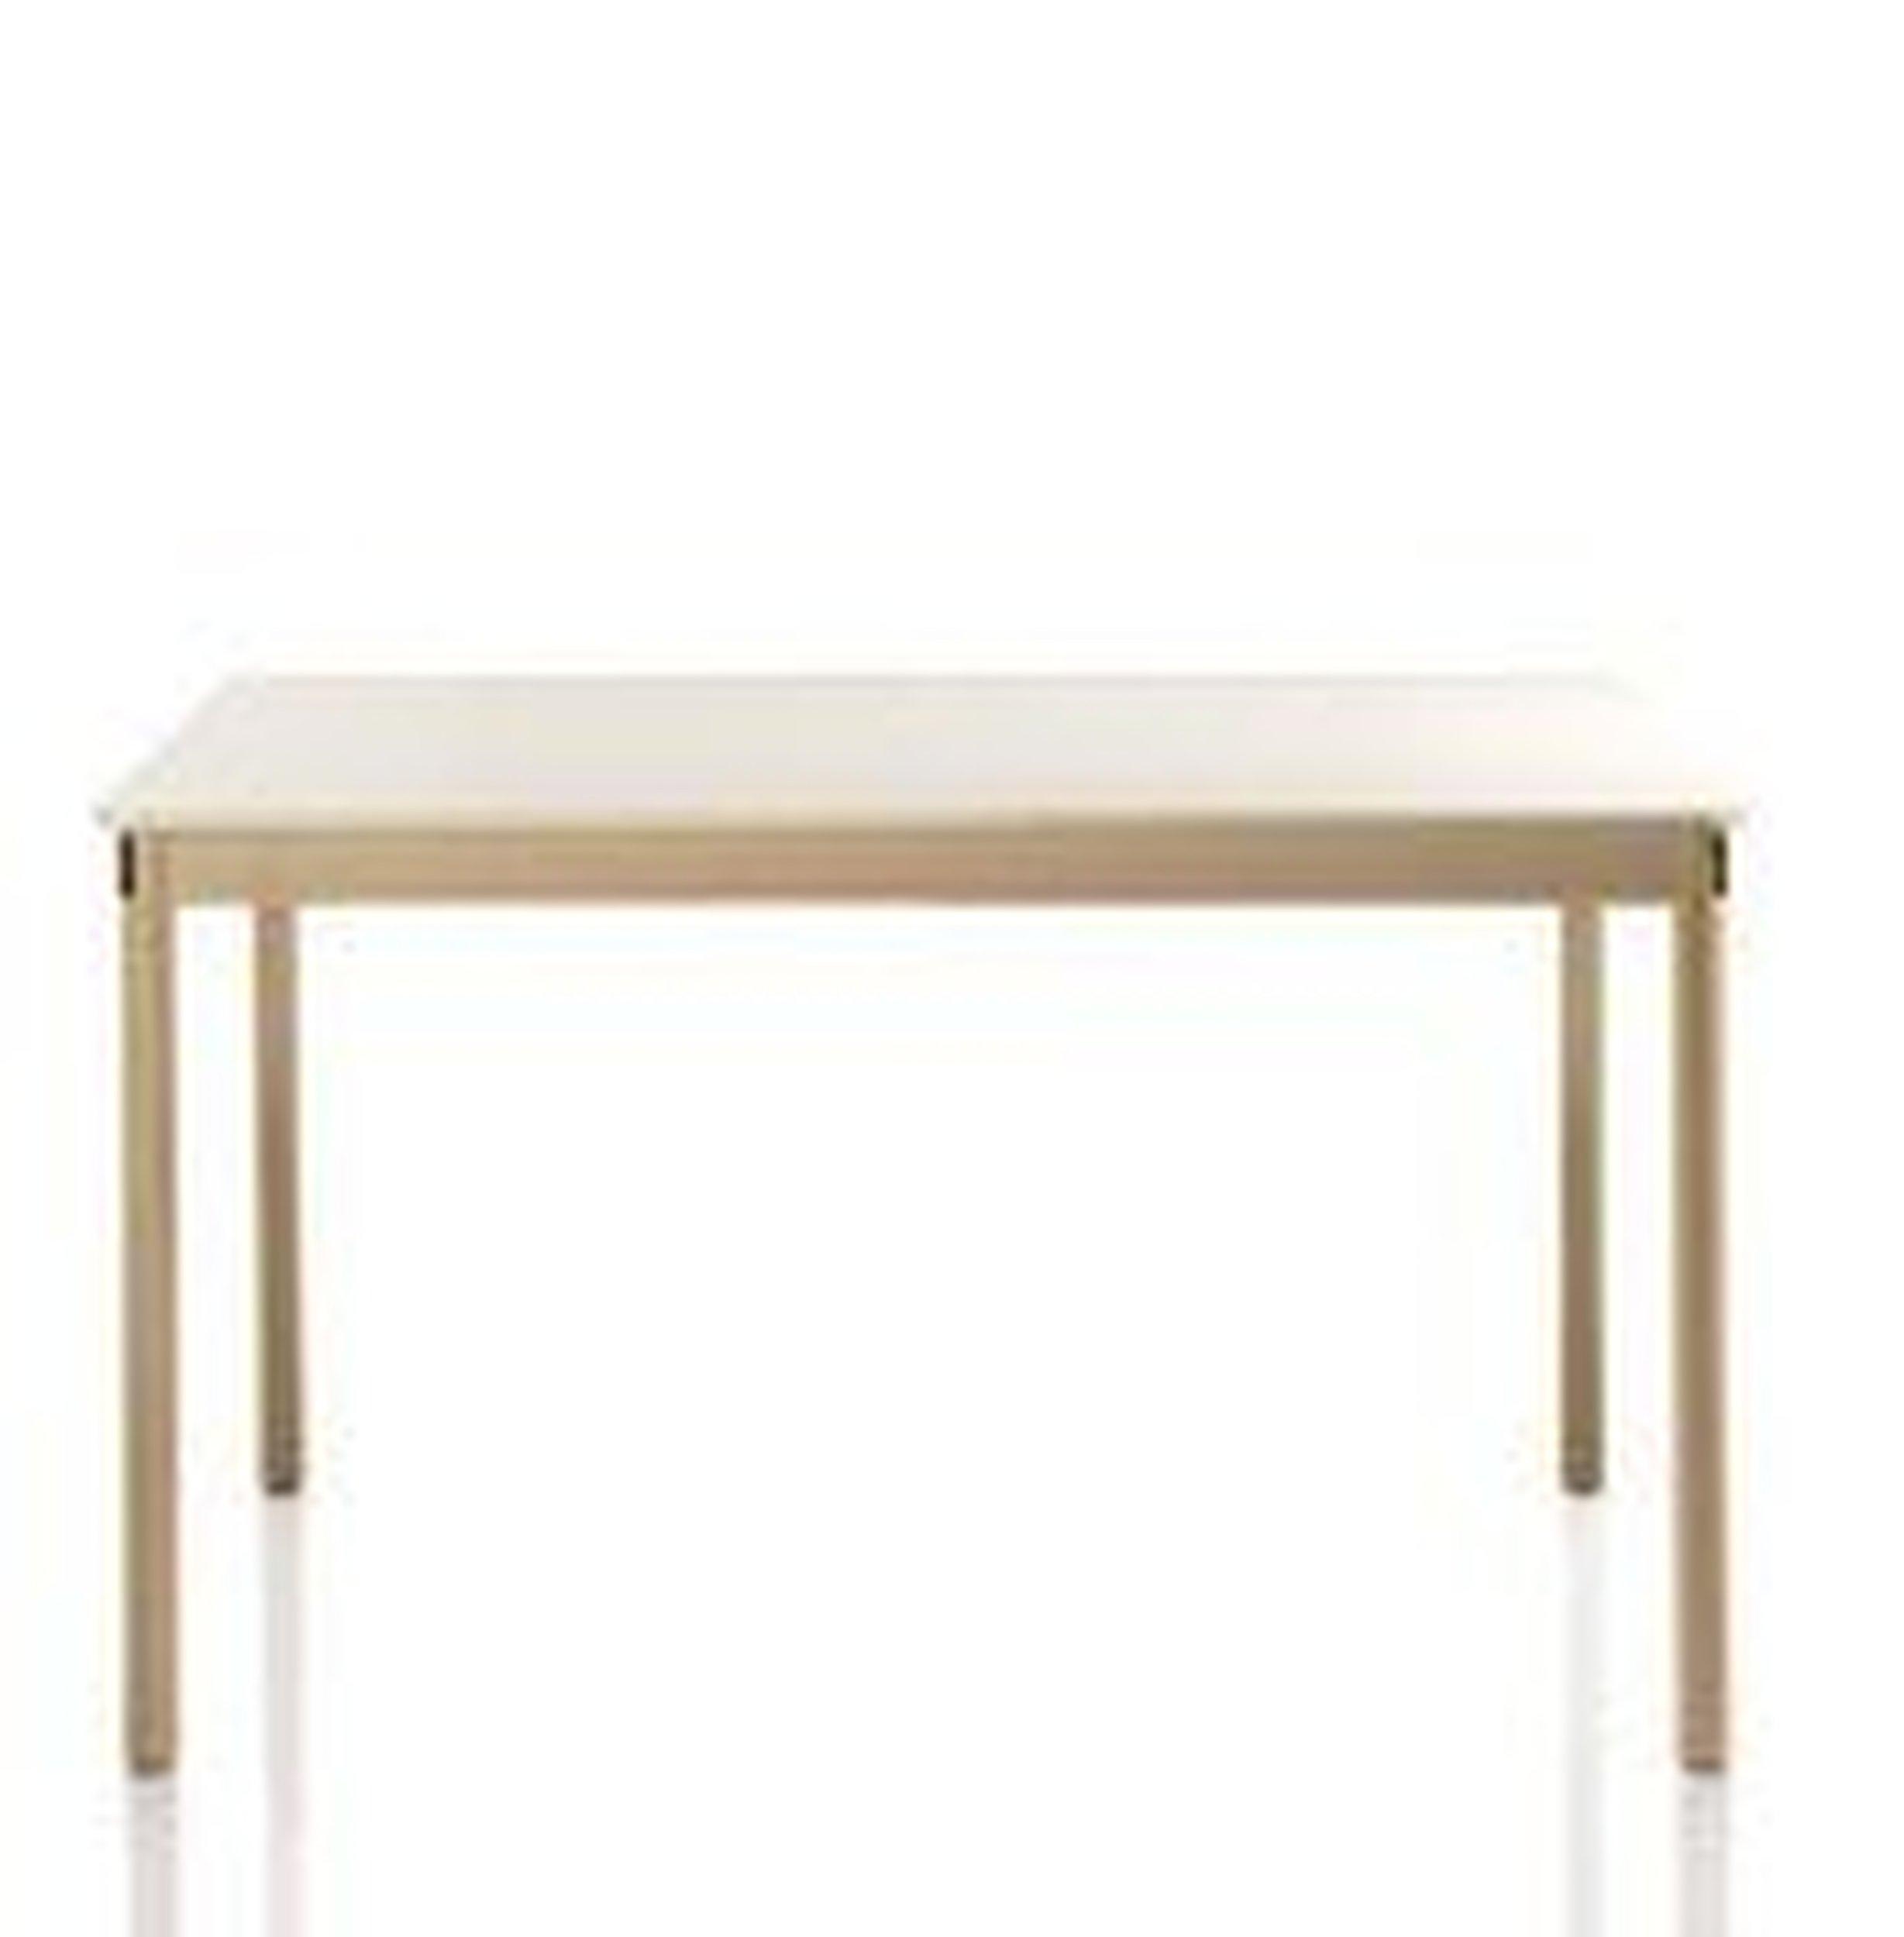 Stół Trattoria 119 x 79 cm - zdjęcie 1